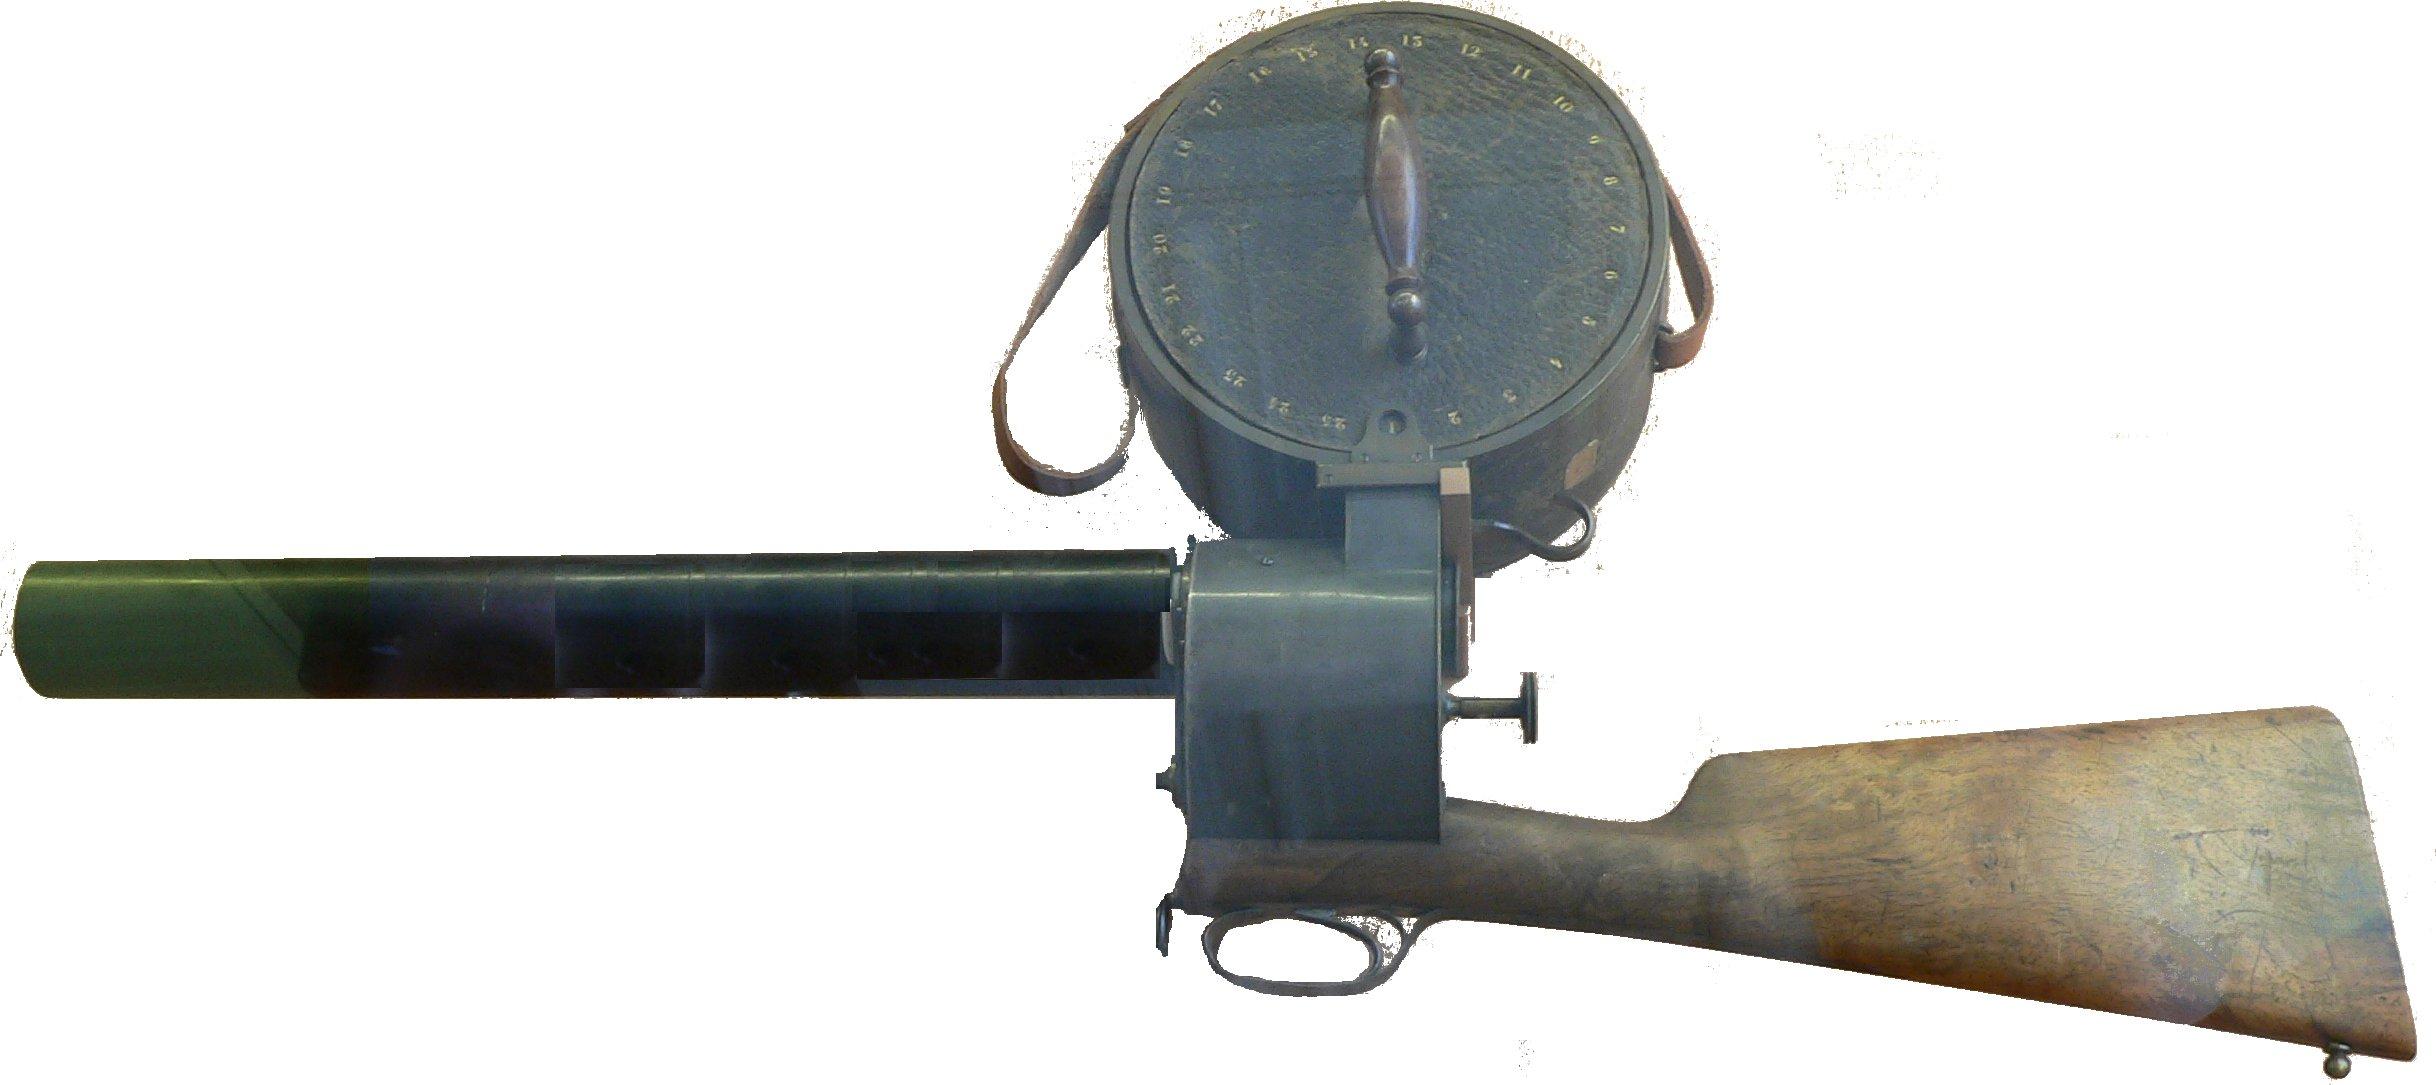 La pistola fotográfica